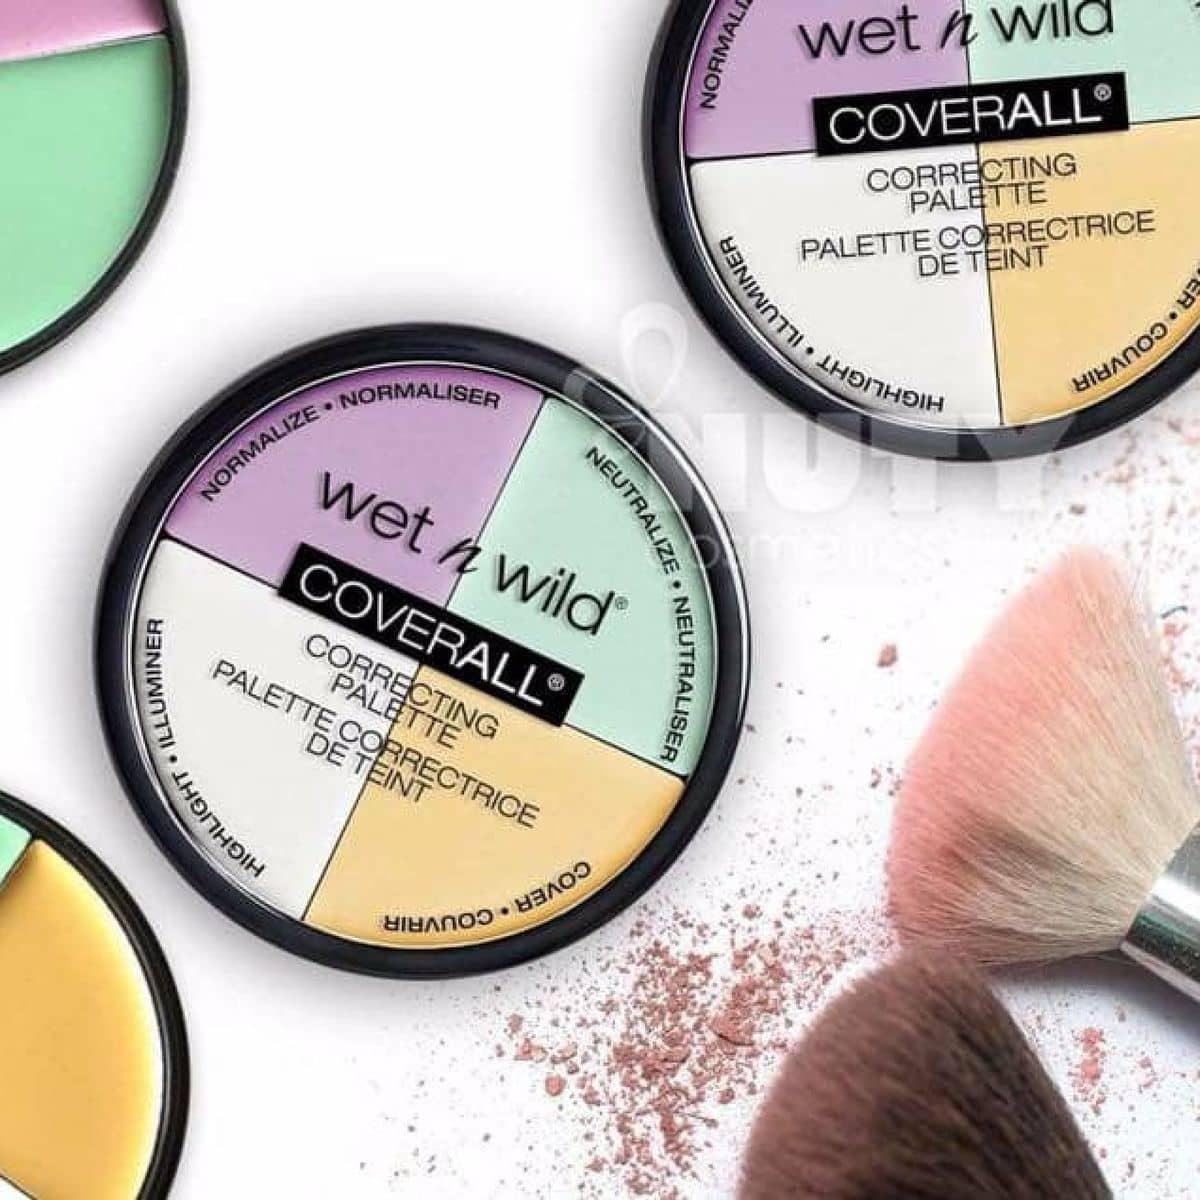 KEM CHE KHUYẾT ĐIỂM Wet n Wild Coverall Correcting Palette tại Dung Vương Cosmetics của Dung